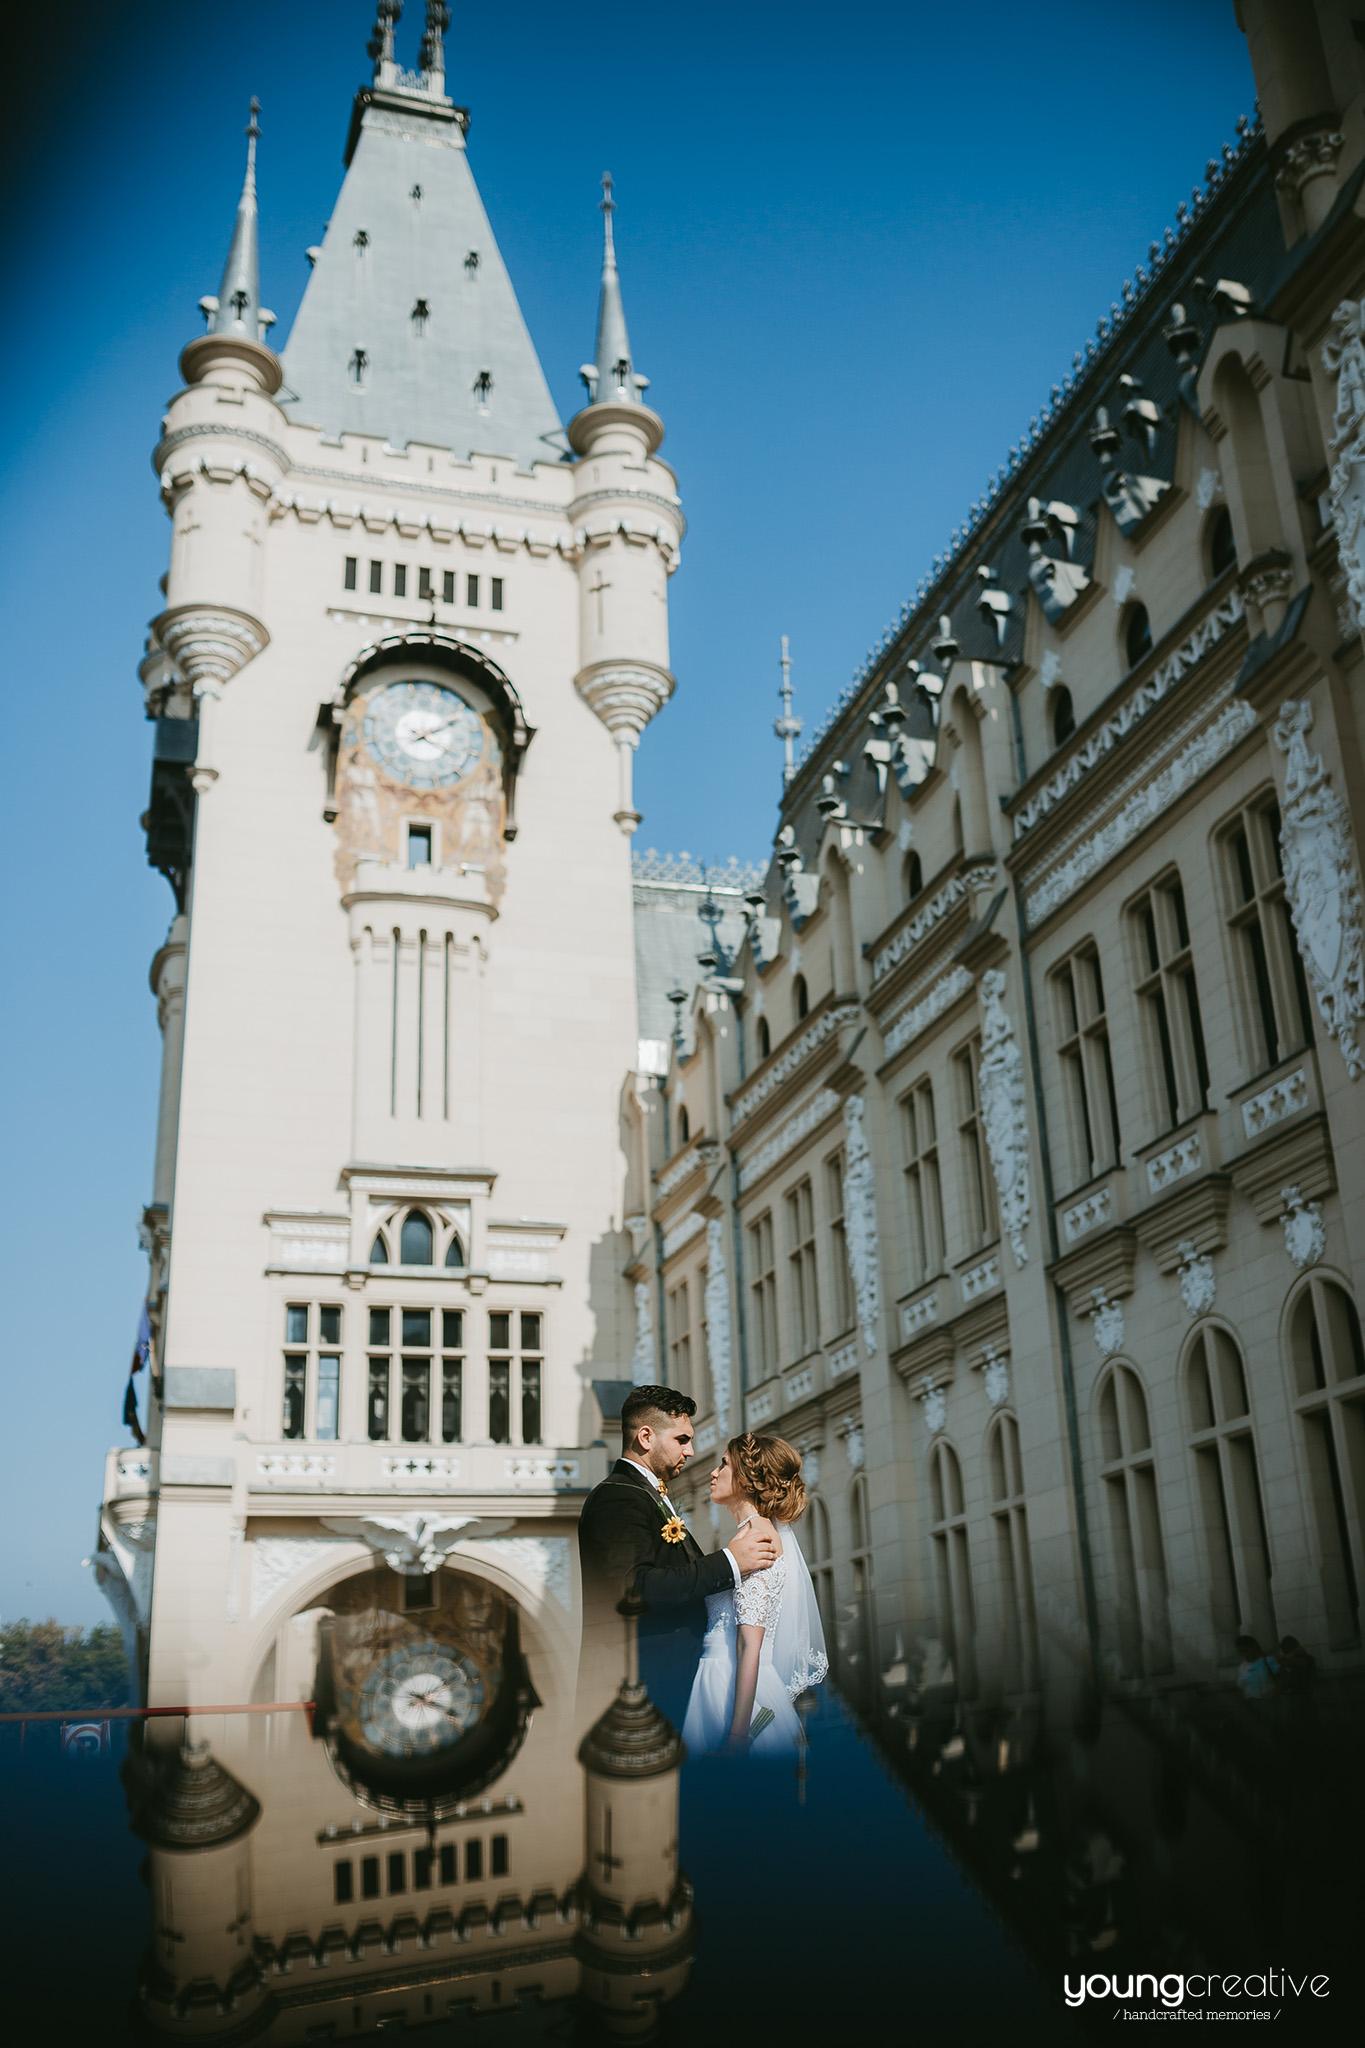 Florut & Nicoleta   youngcreative.info media © Dan Filipciuc, Cristina Bejan   fotografie de nunta Iasi